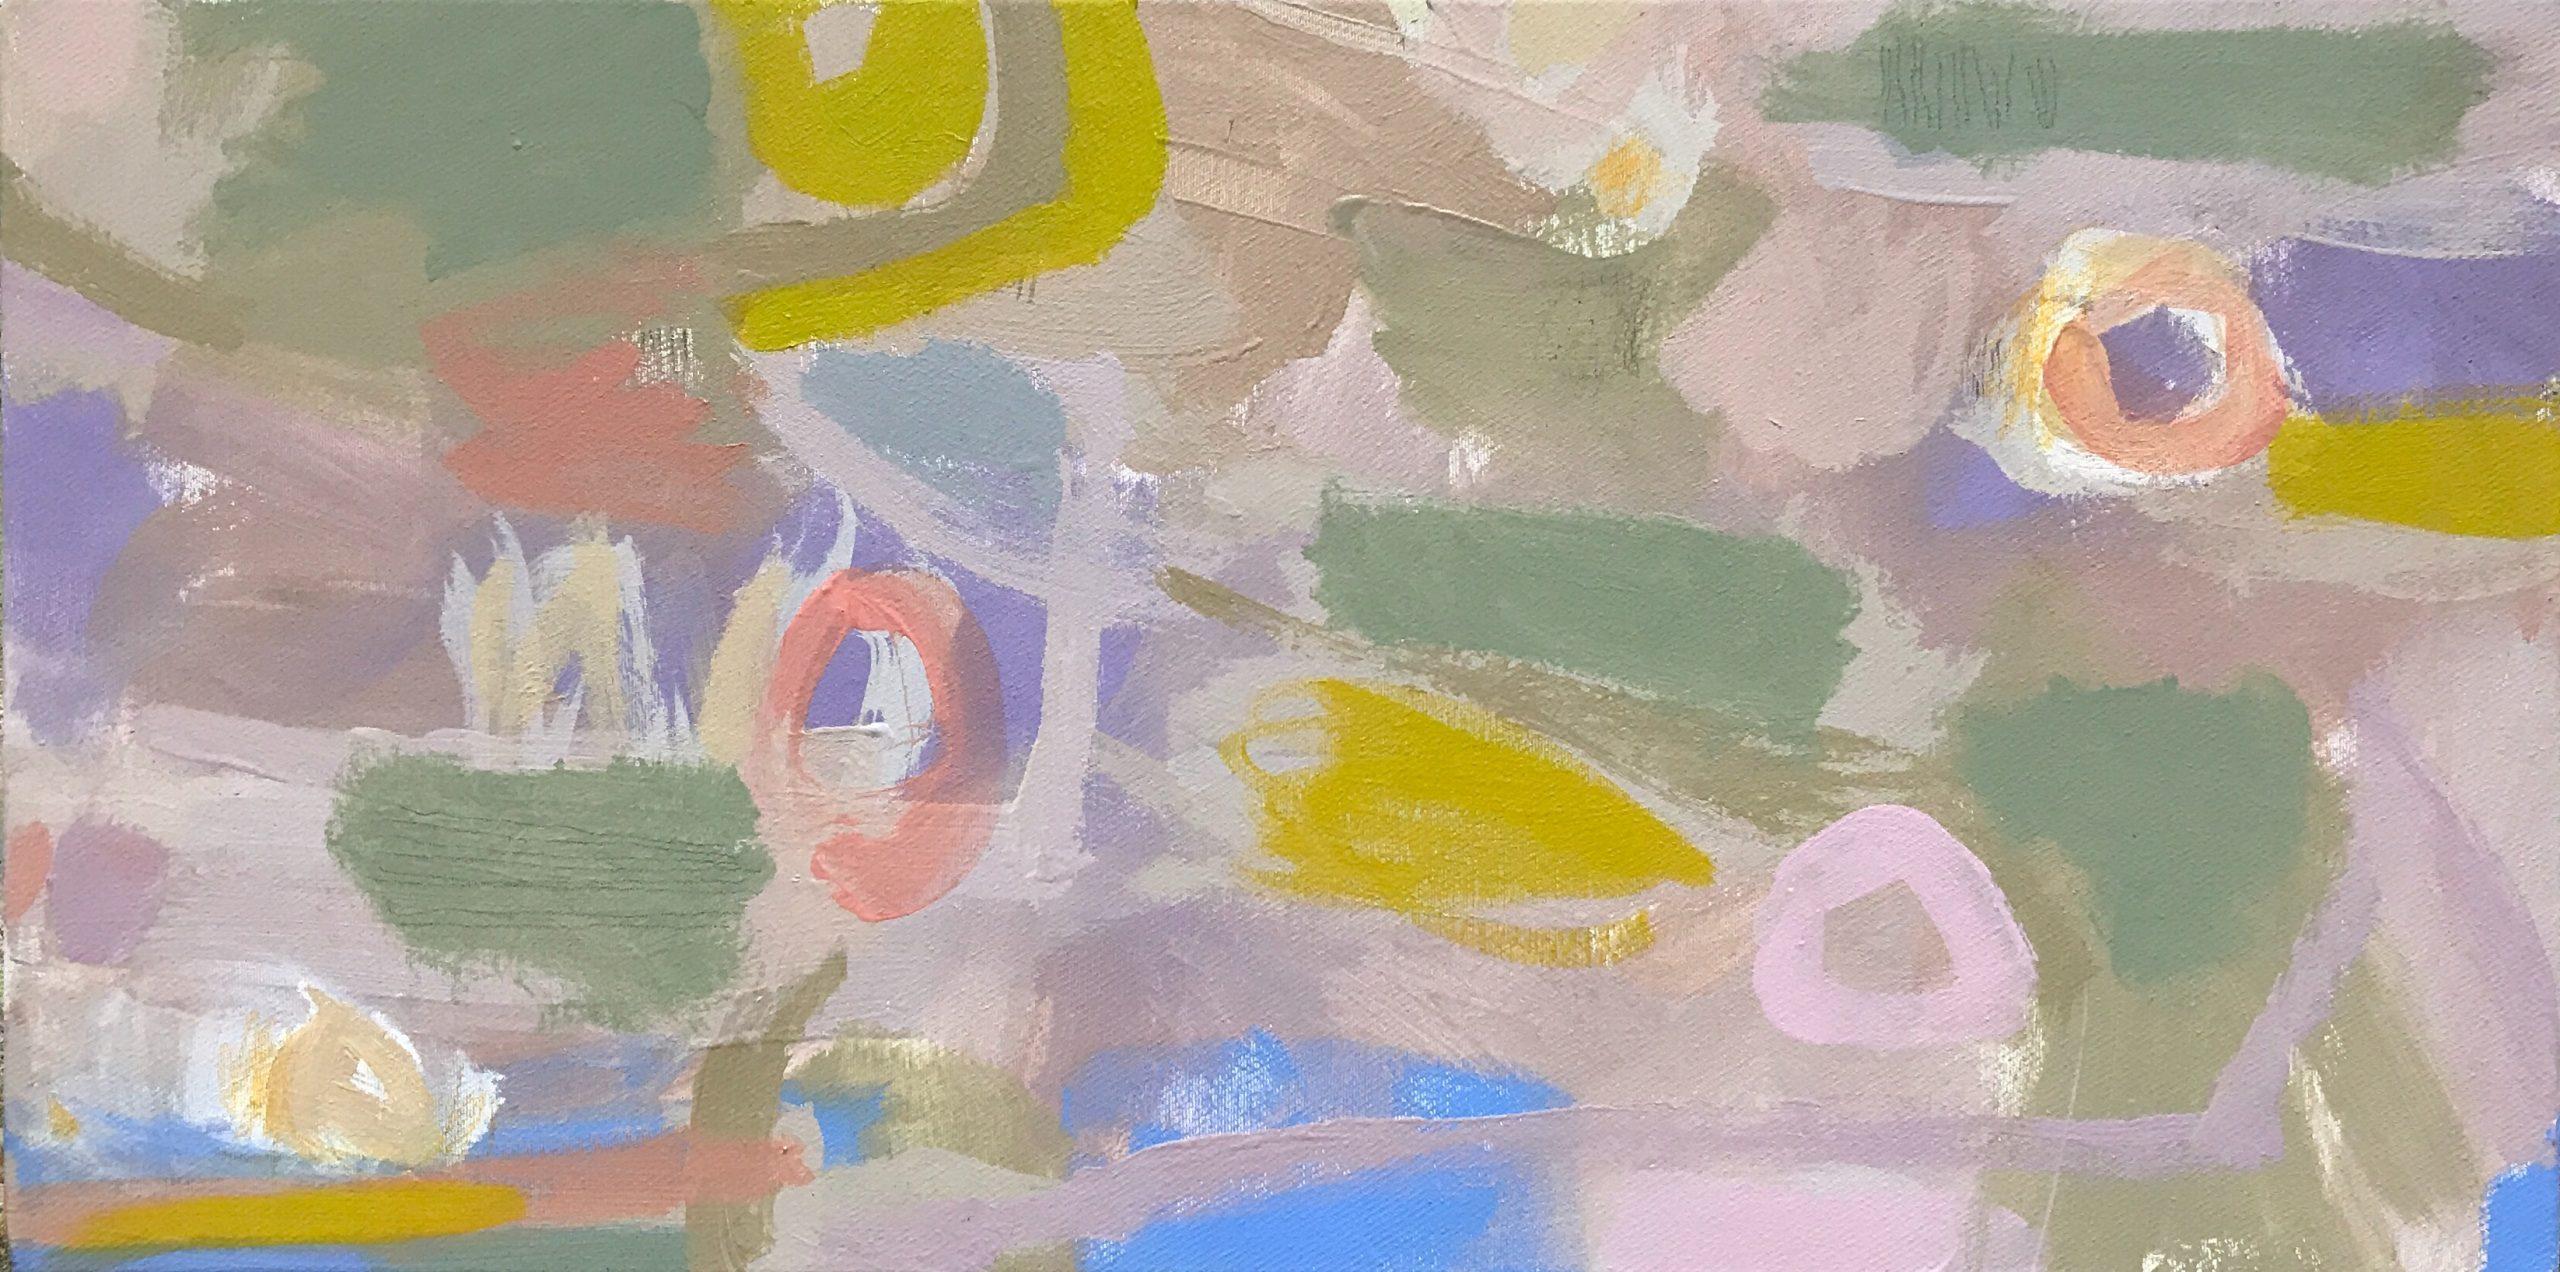 Ruth le Cheminant Covid19 Painting 6 2020 acrylic on canvas 30cm x 60cm